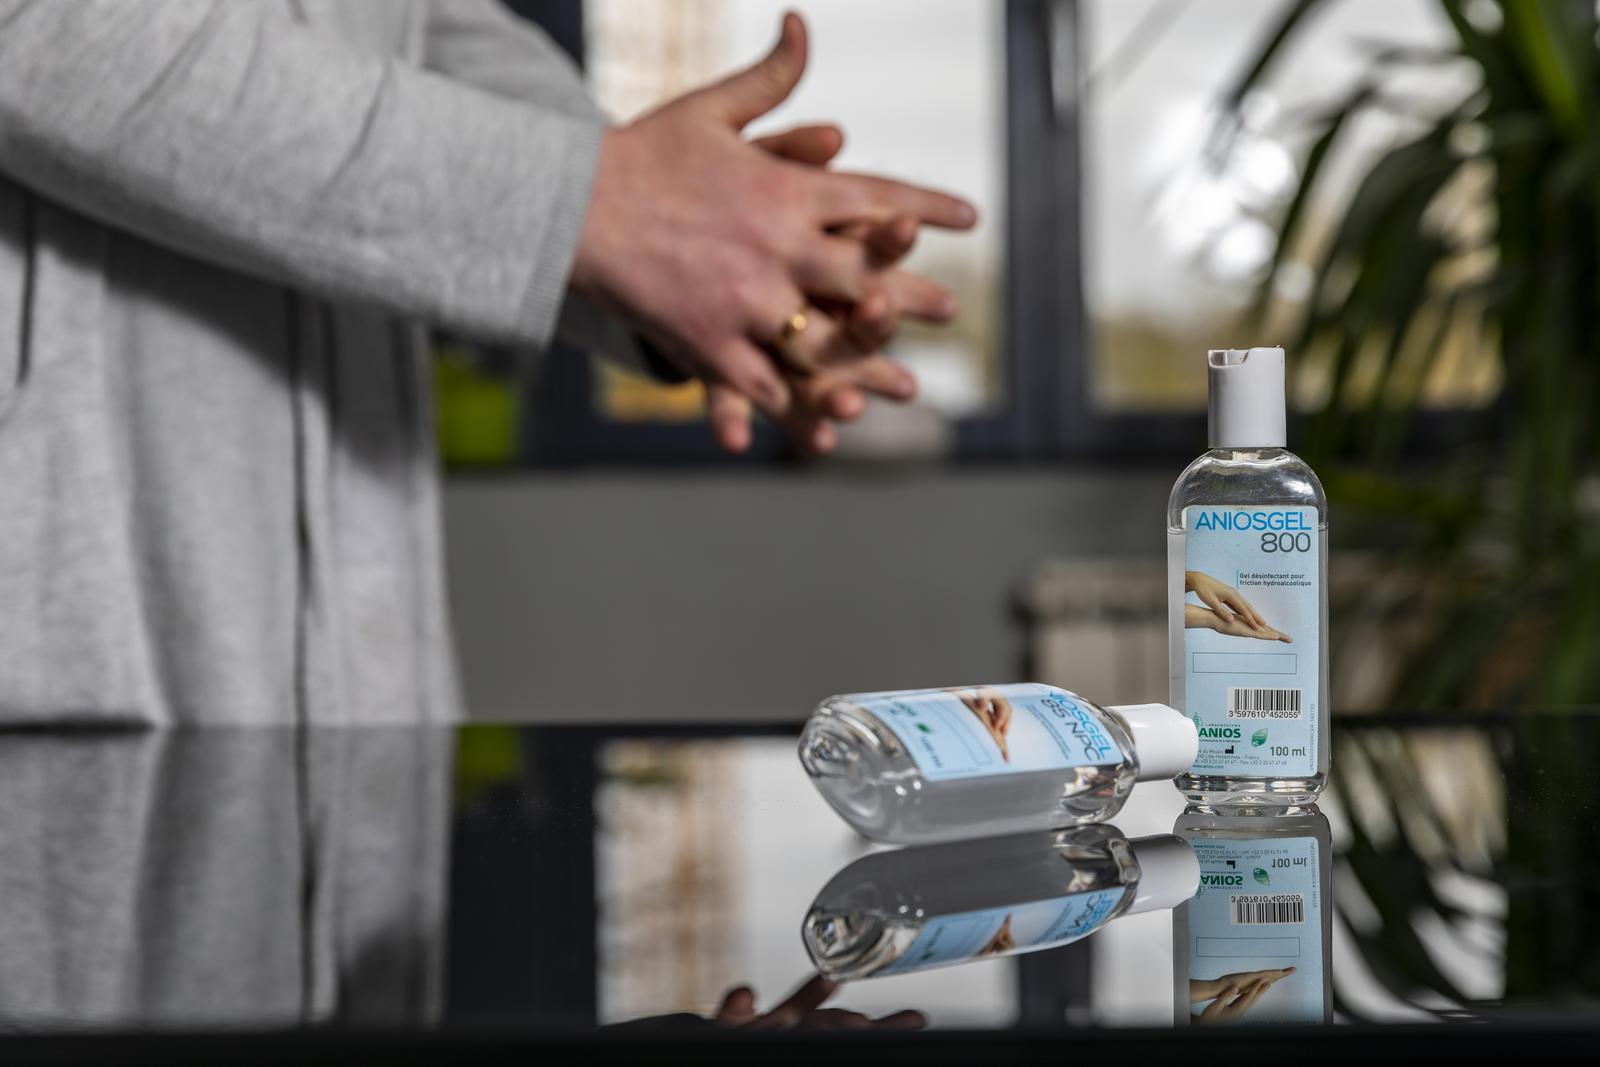 Lavage de mains avec flacons de gel hydroalcoolique.